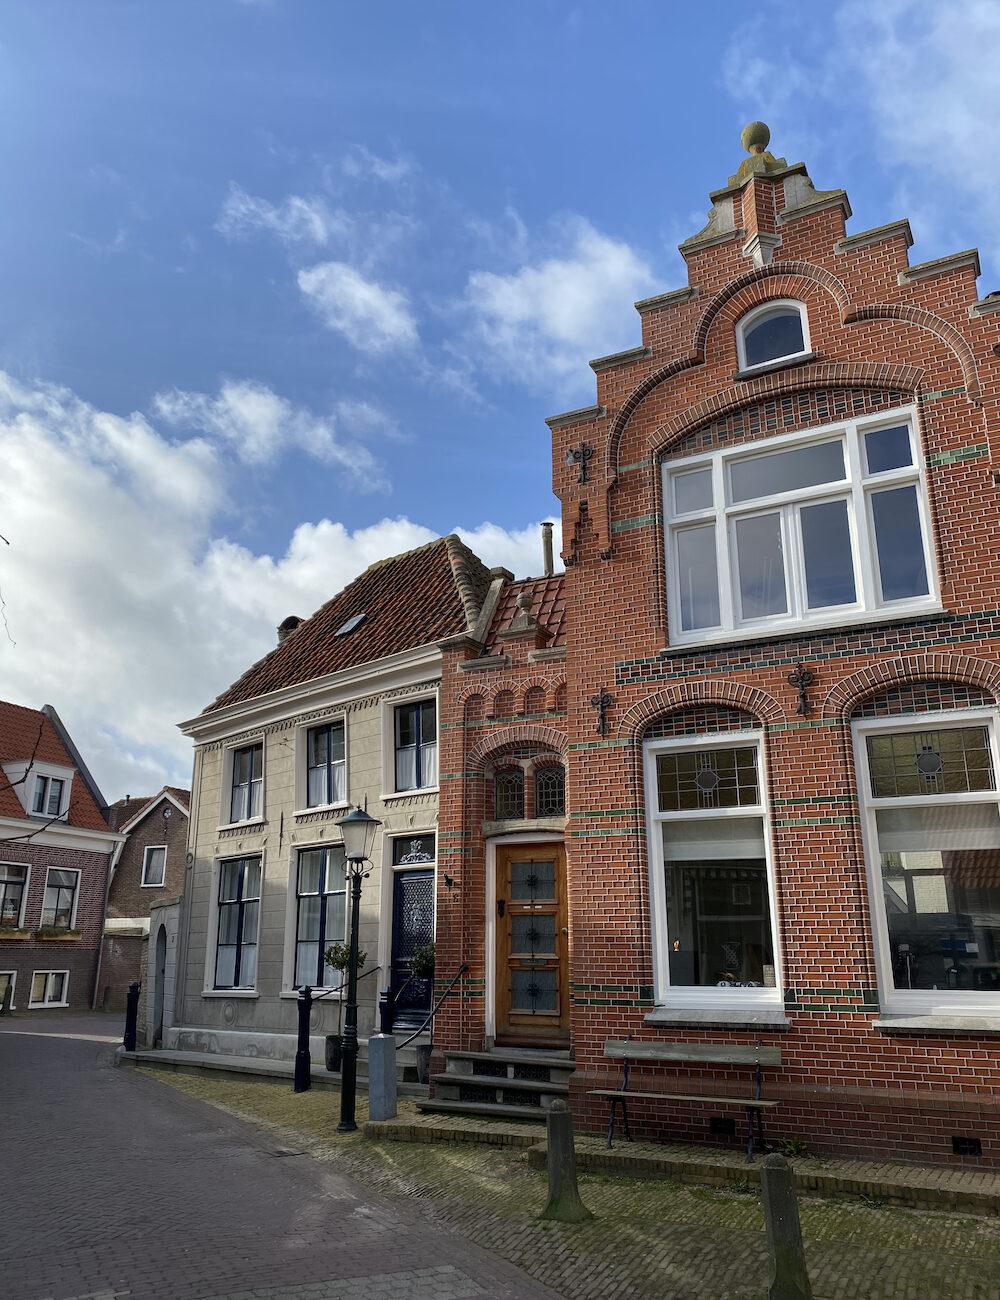 Een straatje met historische gevels op Texel in Den Burg